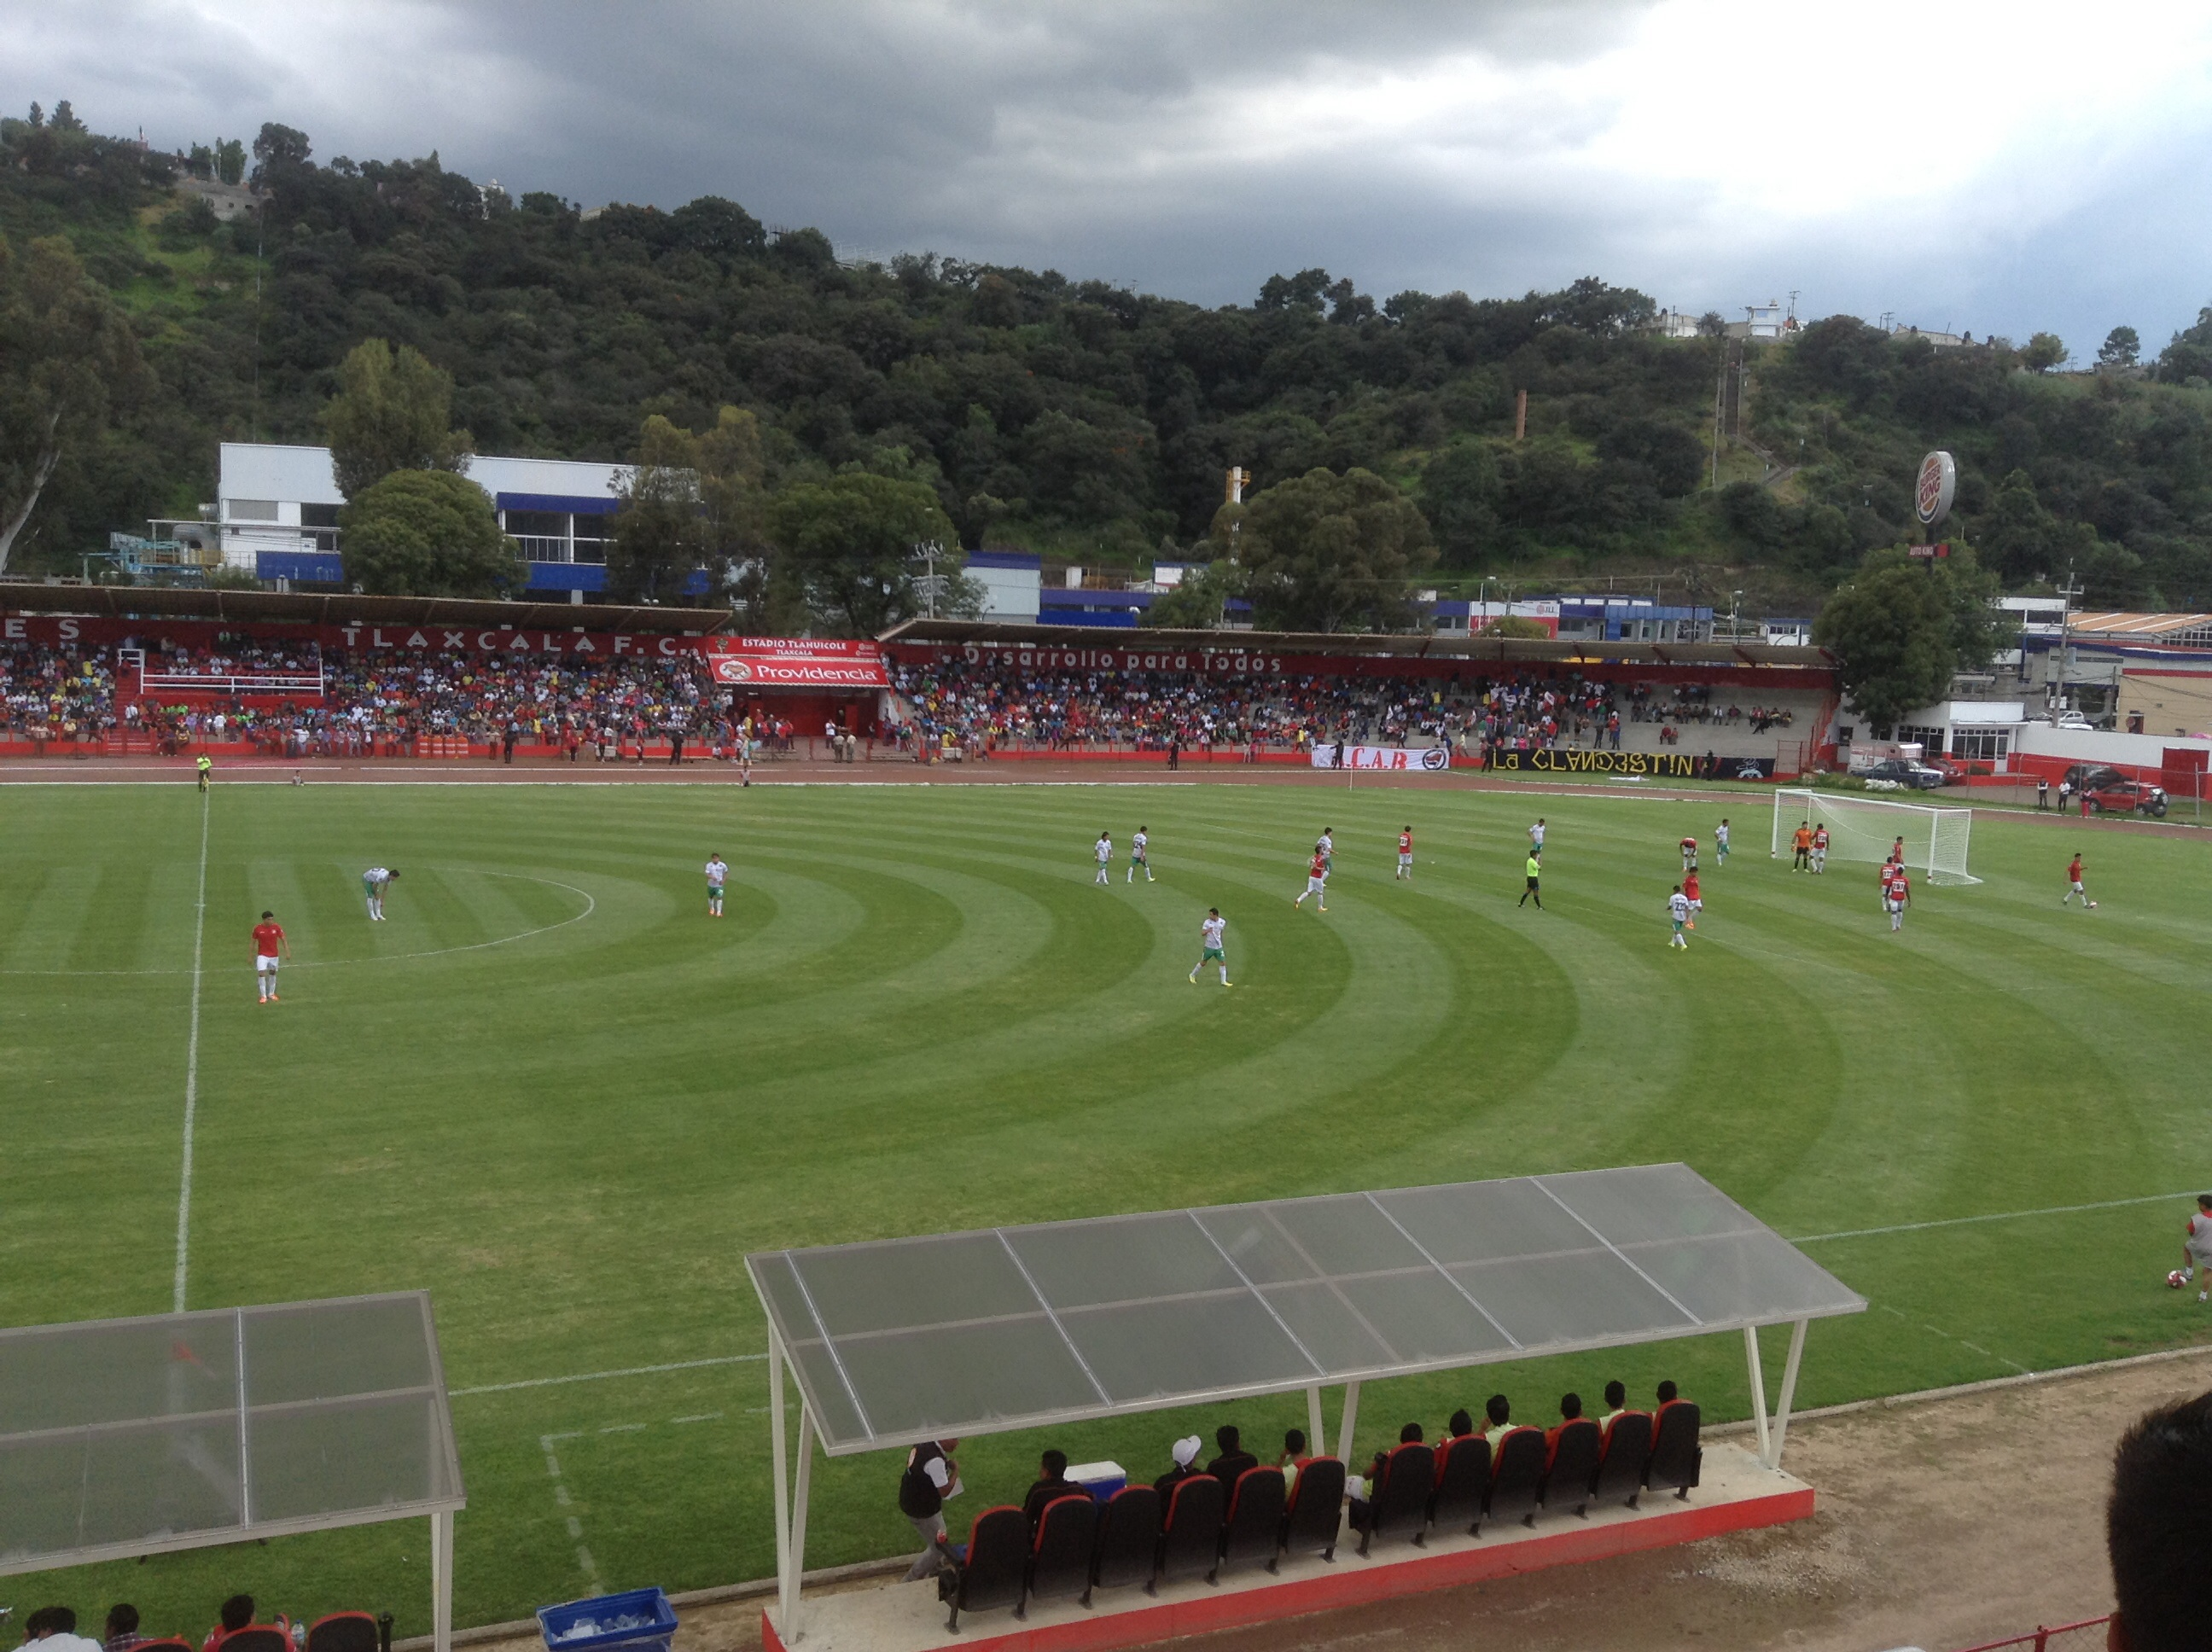 Ampliación, estadio Tlahuicole, Coyotes, Ascenso MX, Gobierno del estado, proyecto, Tlaxcala